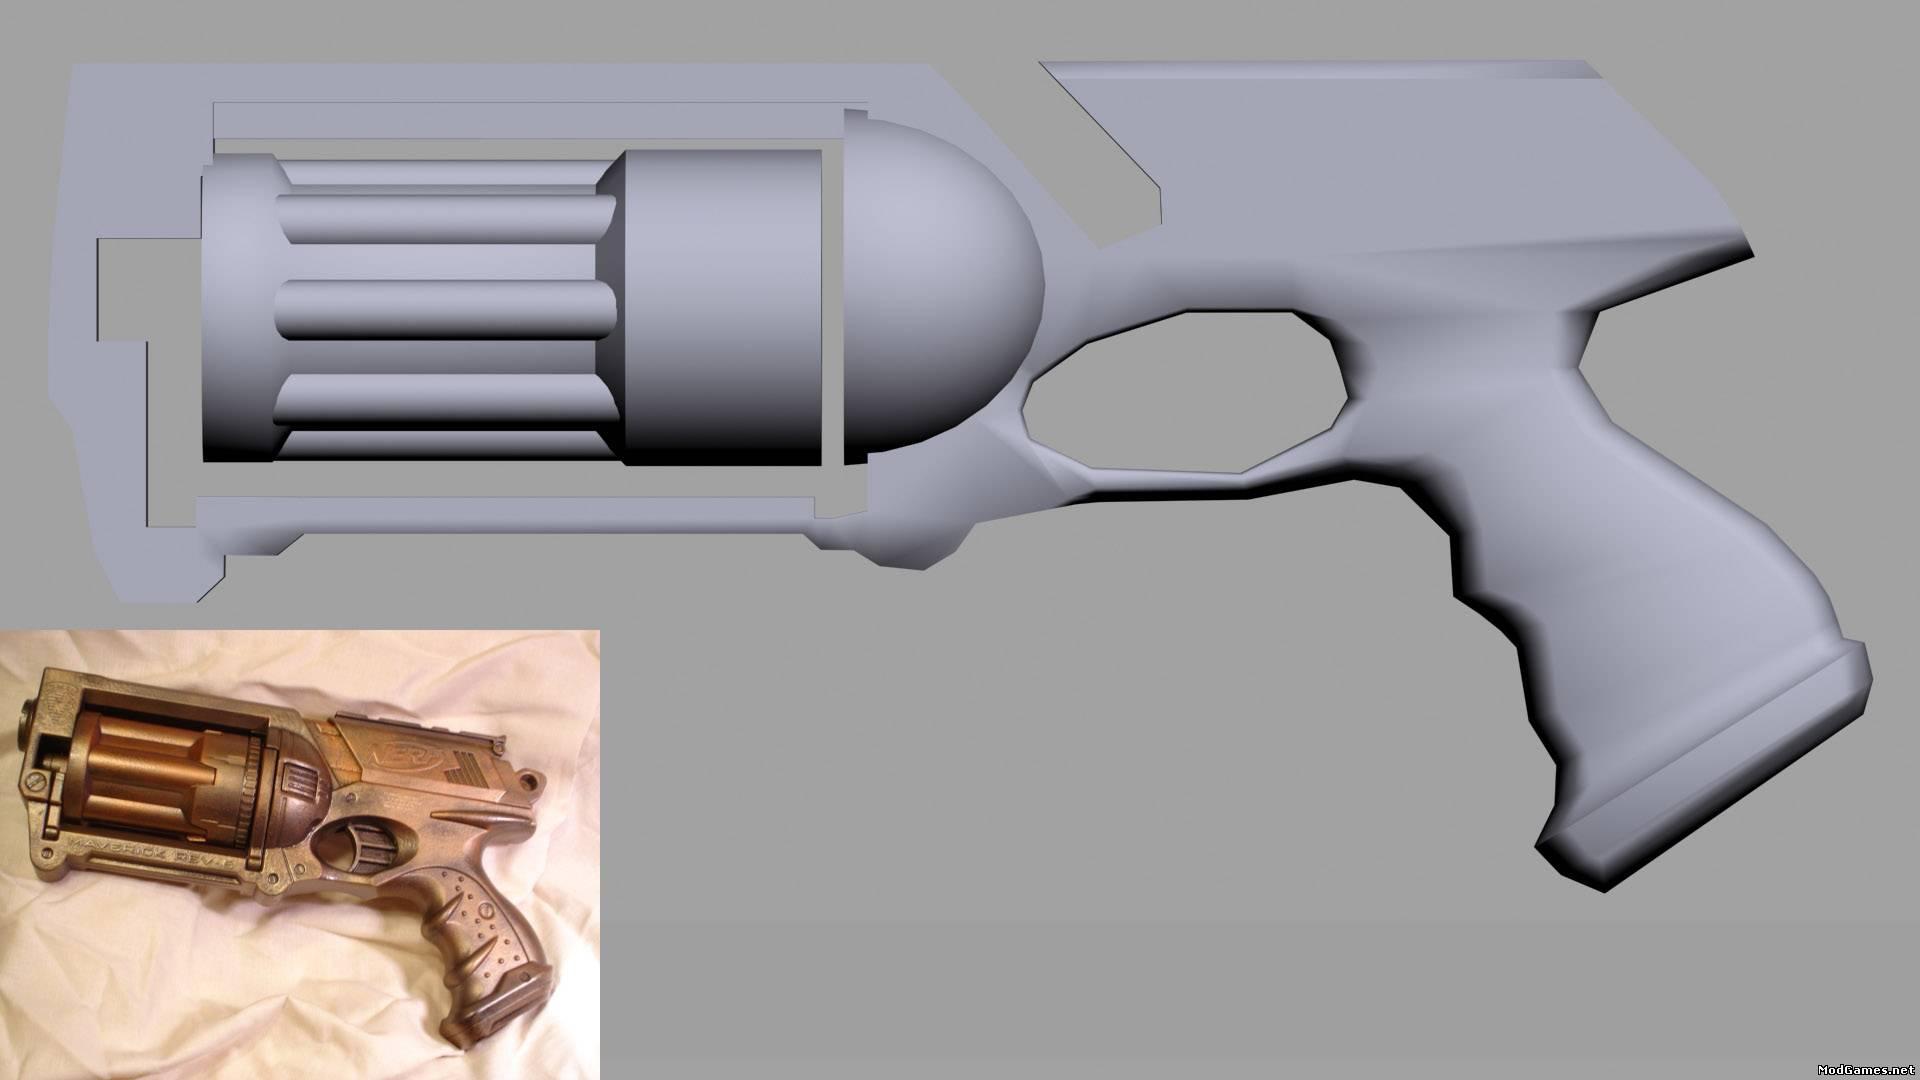 Моделирование для оружия программу